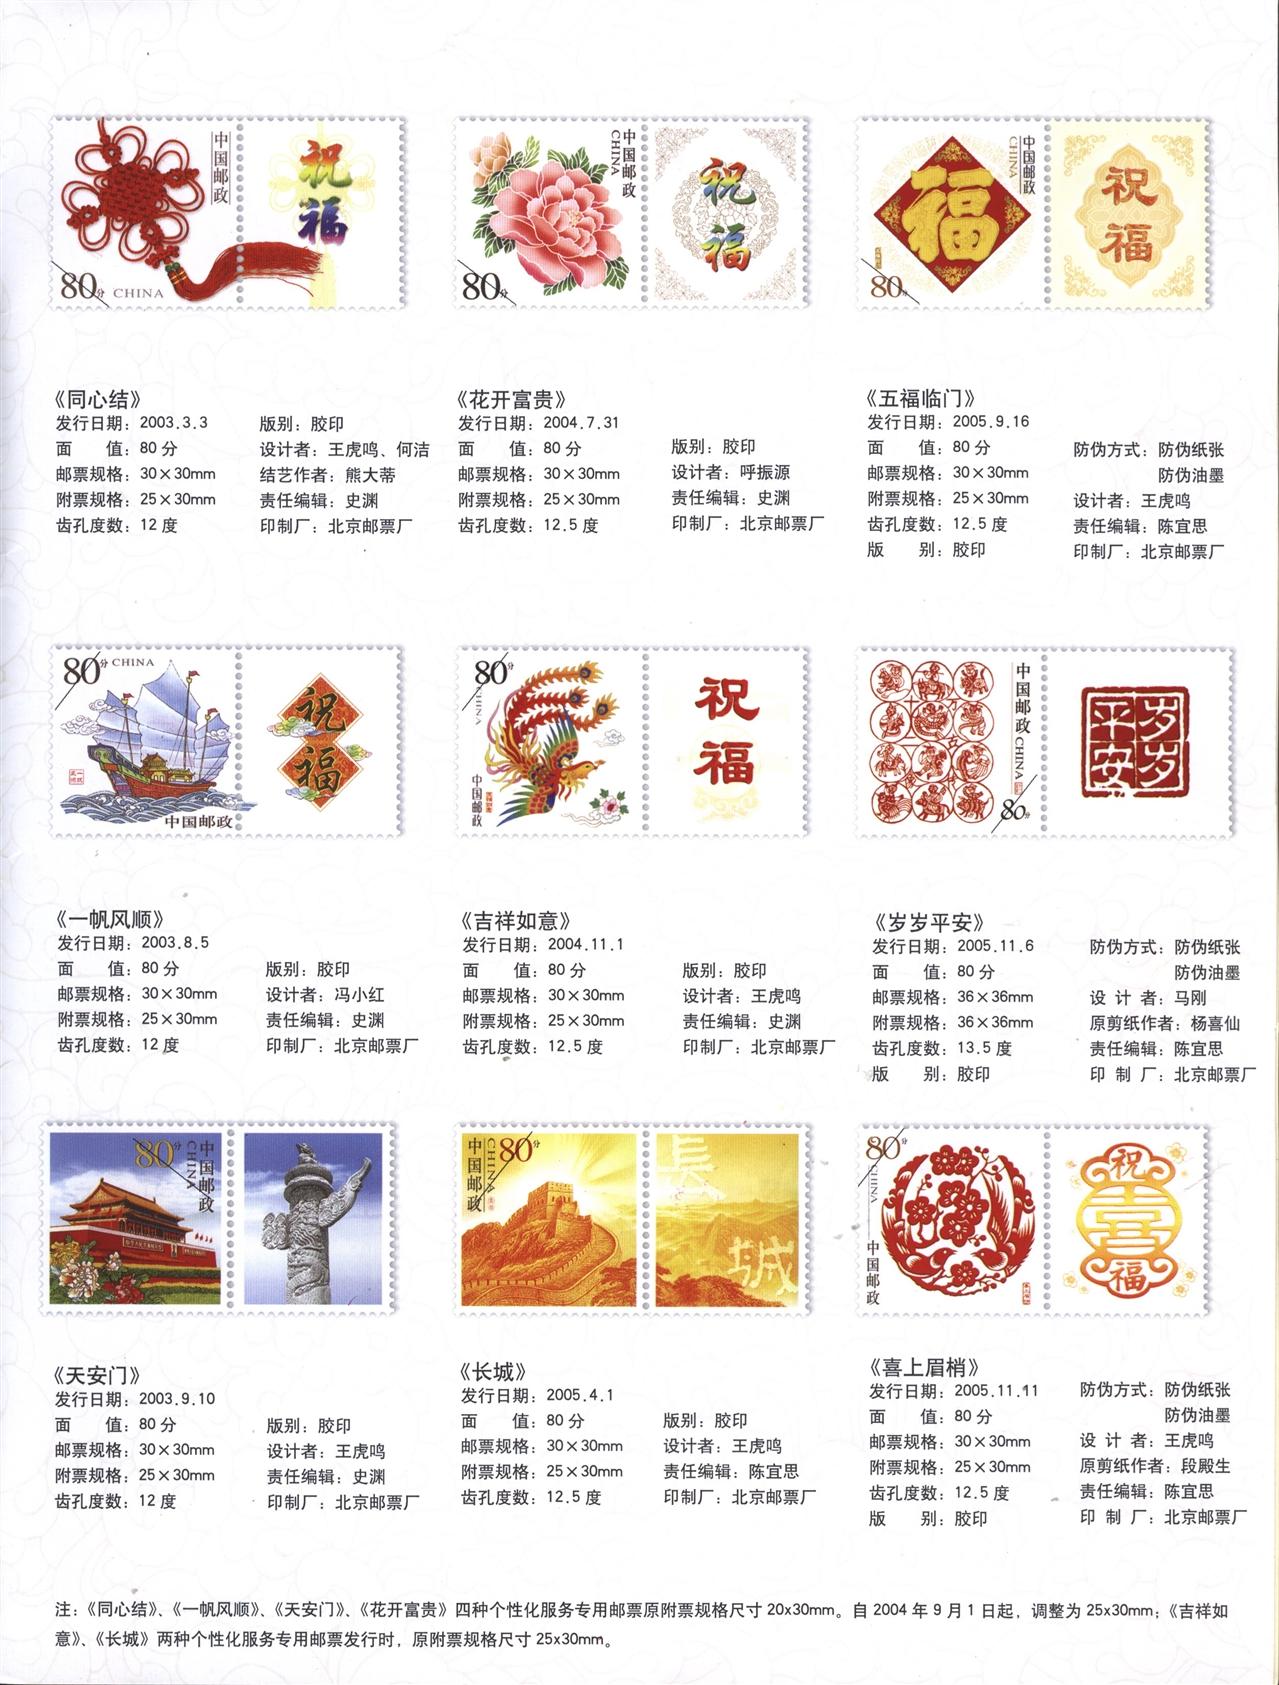 个性化邮票主票